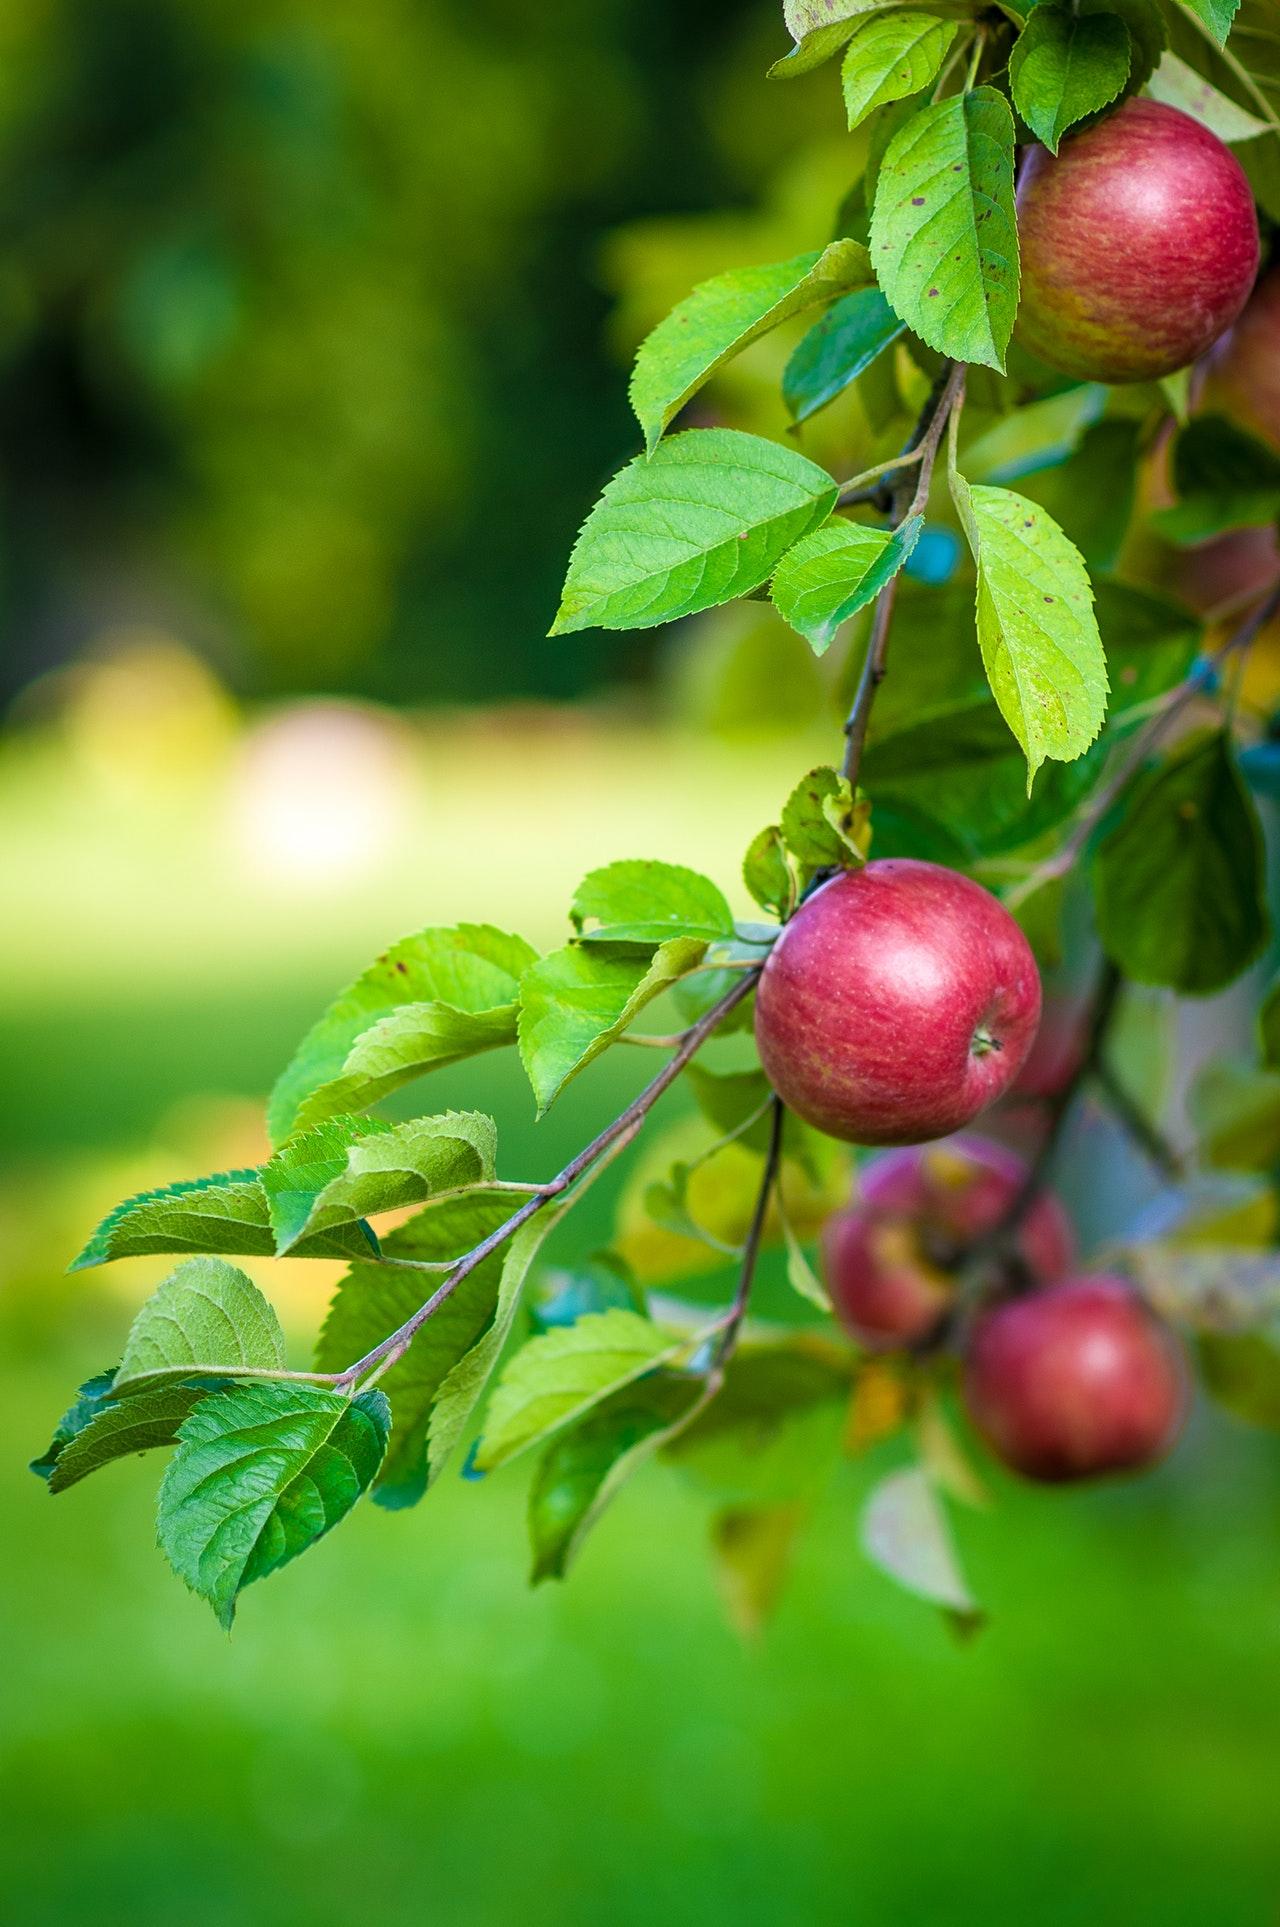 apples-fruit-leaves-47807.jpg